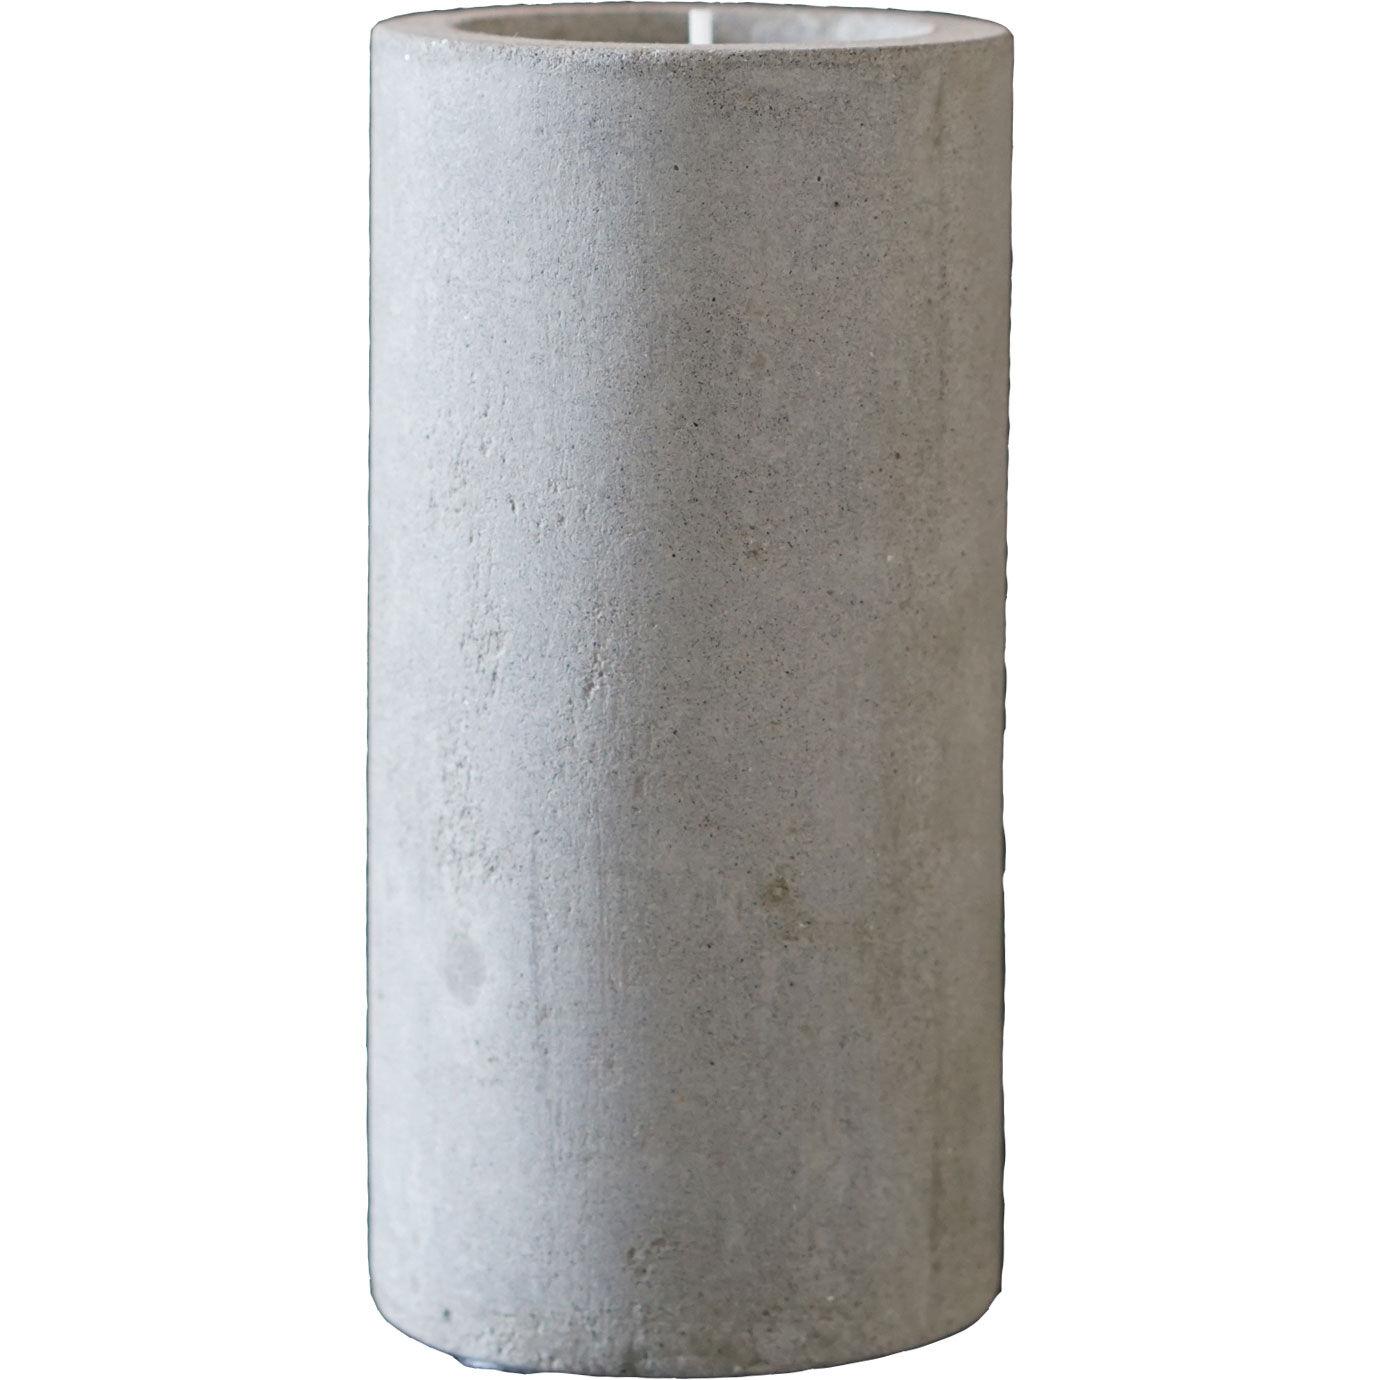 DBKD Concrete Lights Candle Holder Large